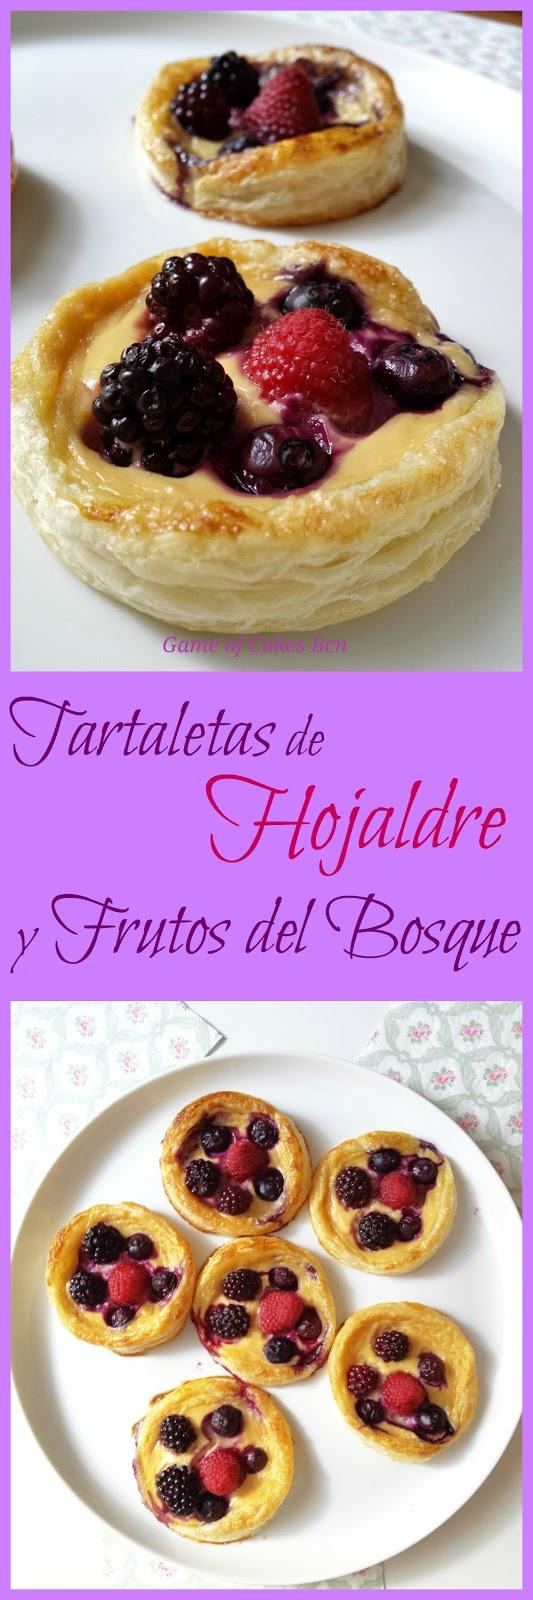 Tartaletas de hojaldre con mascarpone y frutos del bosque